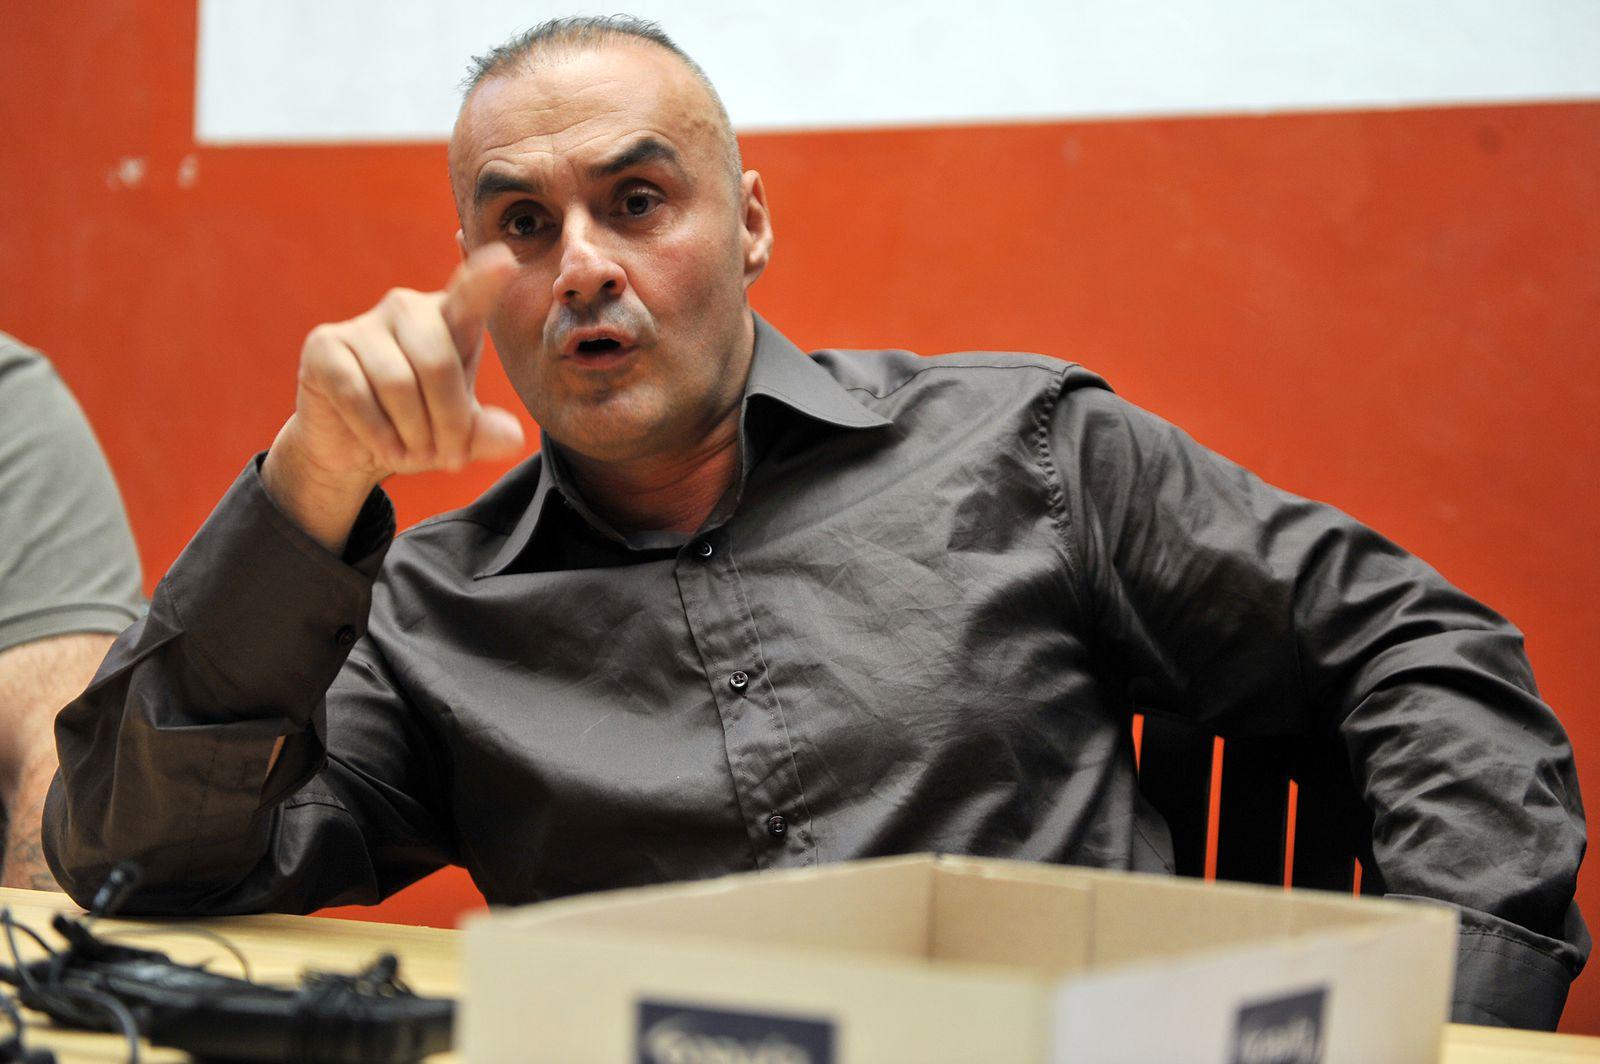 Serge Ayoub promeut la race blanche, pas pour lui...